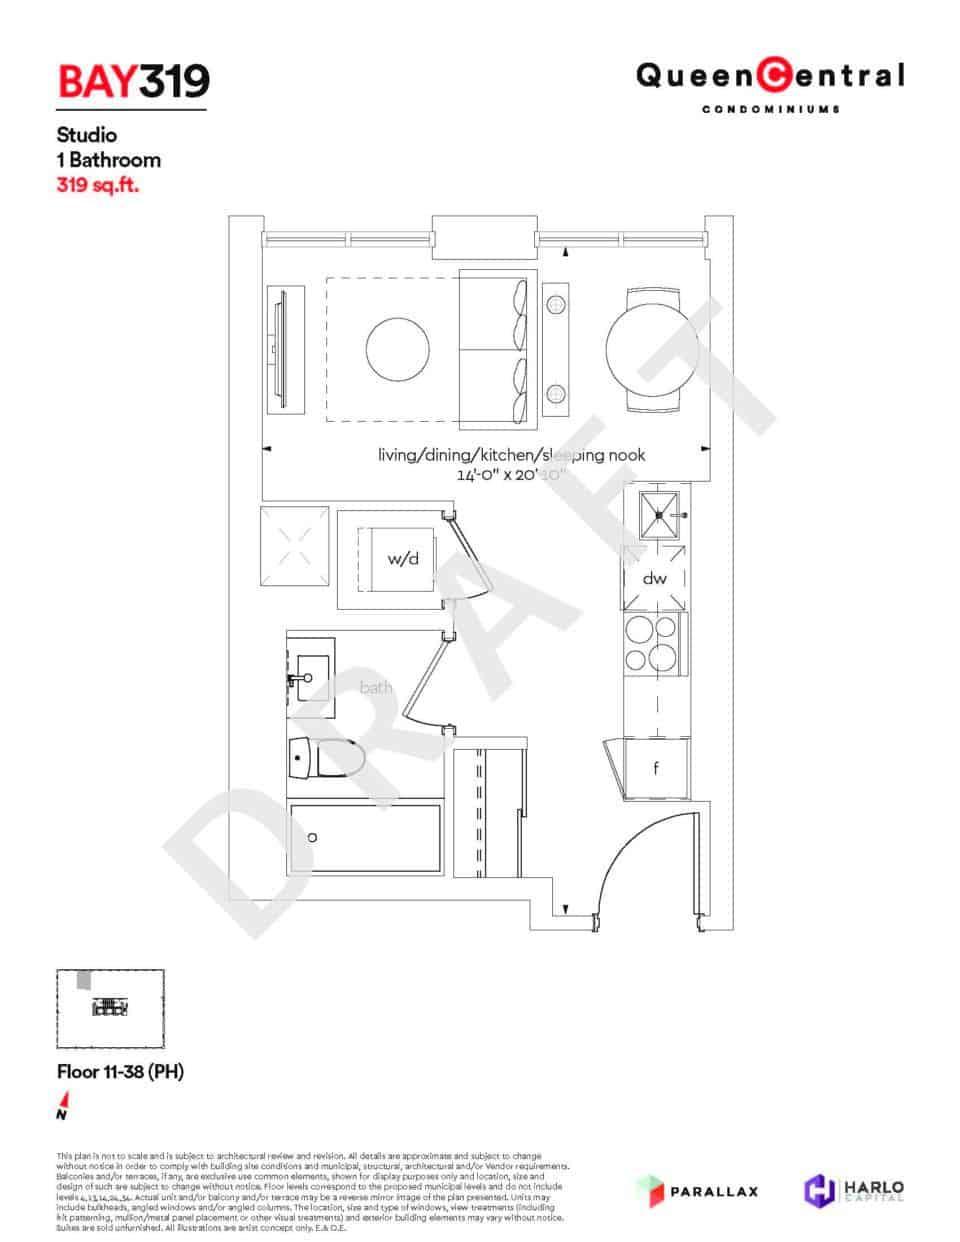 Queen Central Draft Floor Plans BAY 319